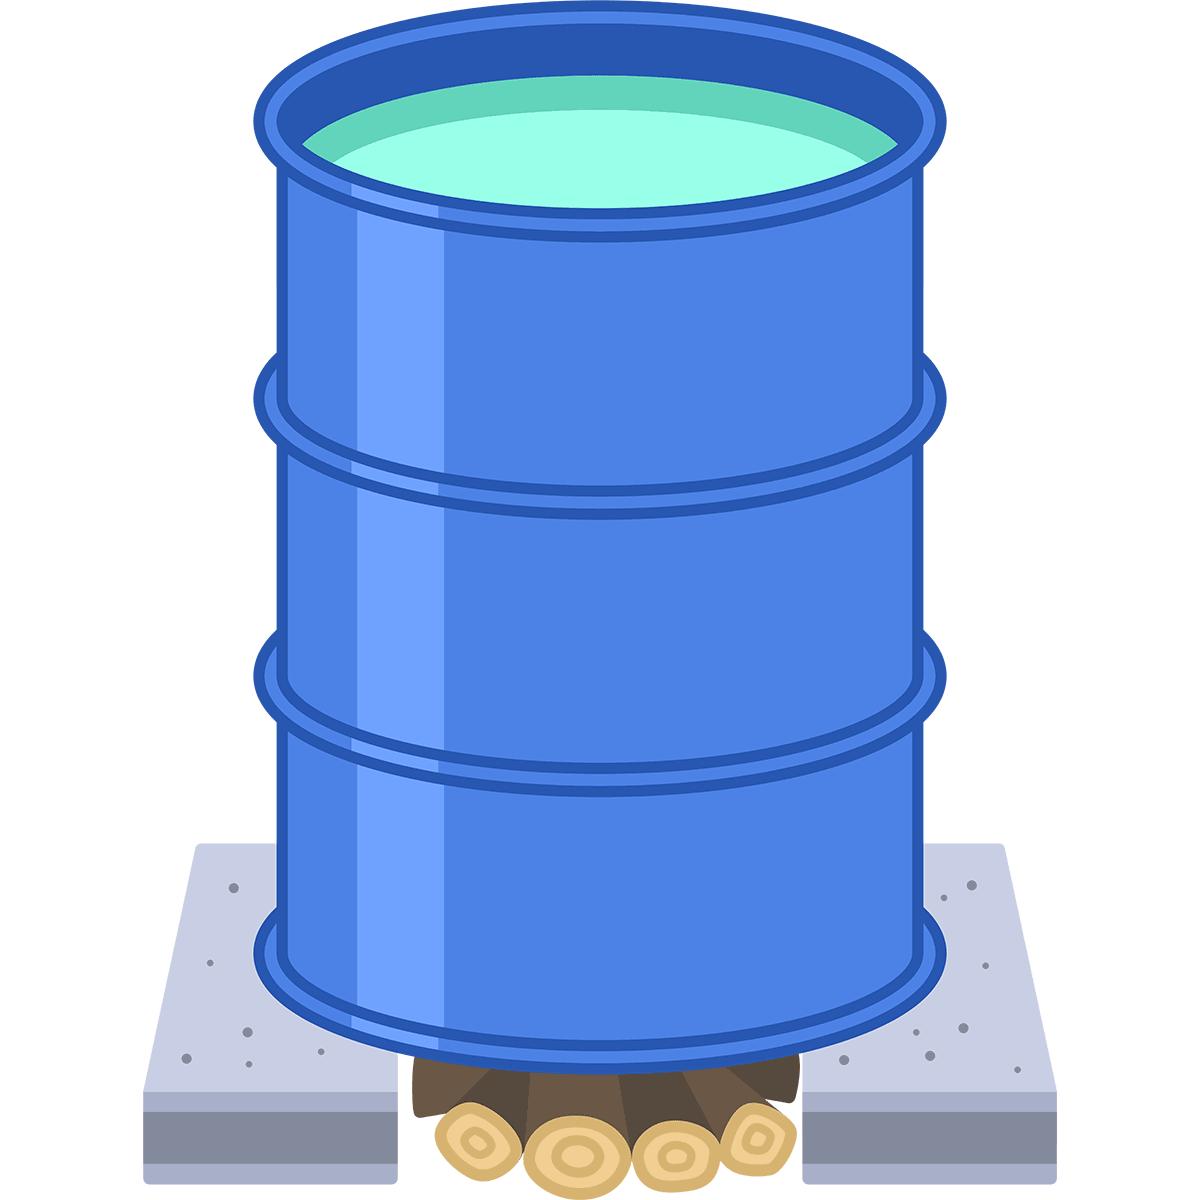 ドラム缶風呂の無料イラスト